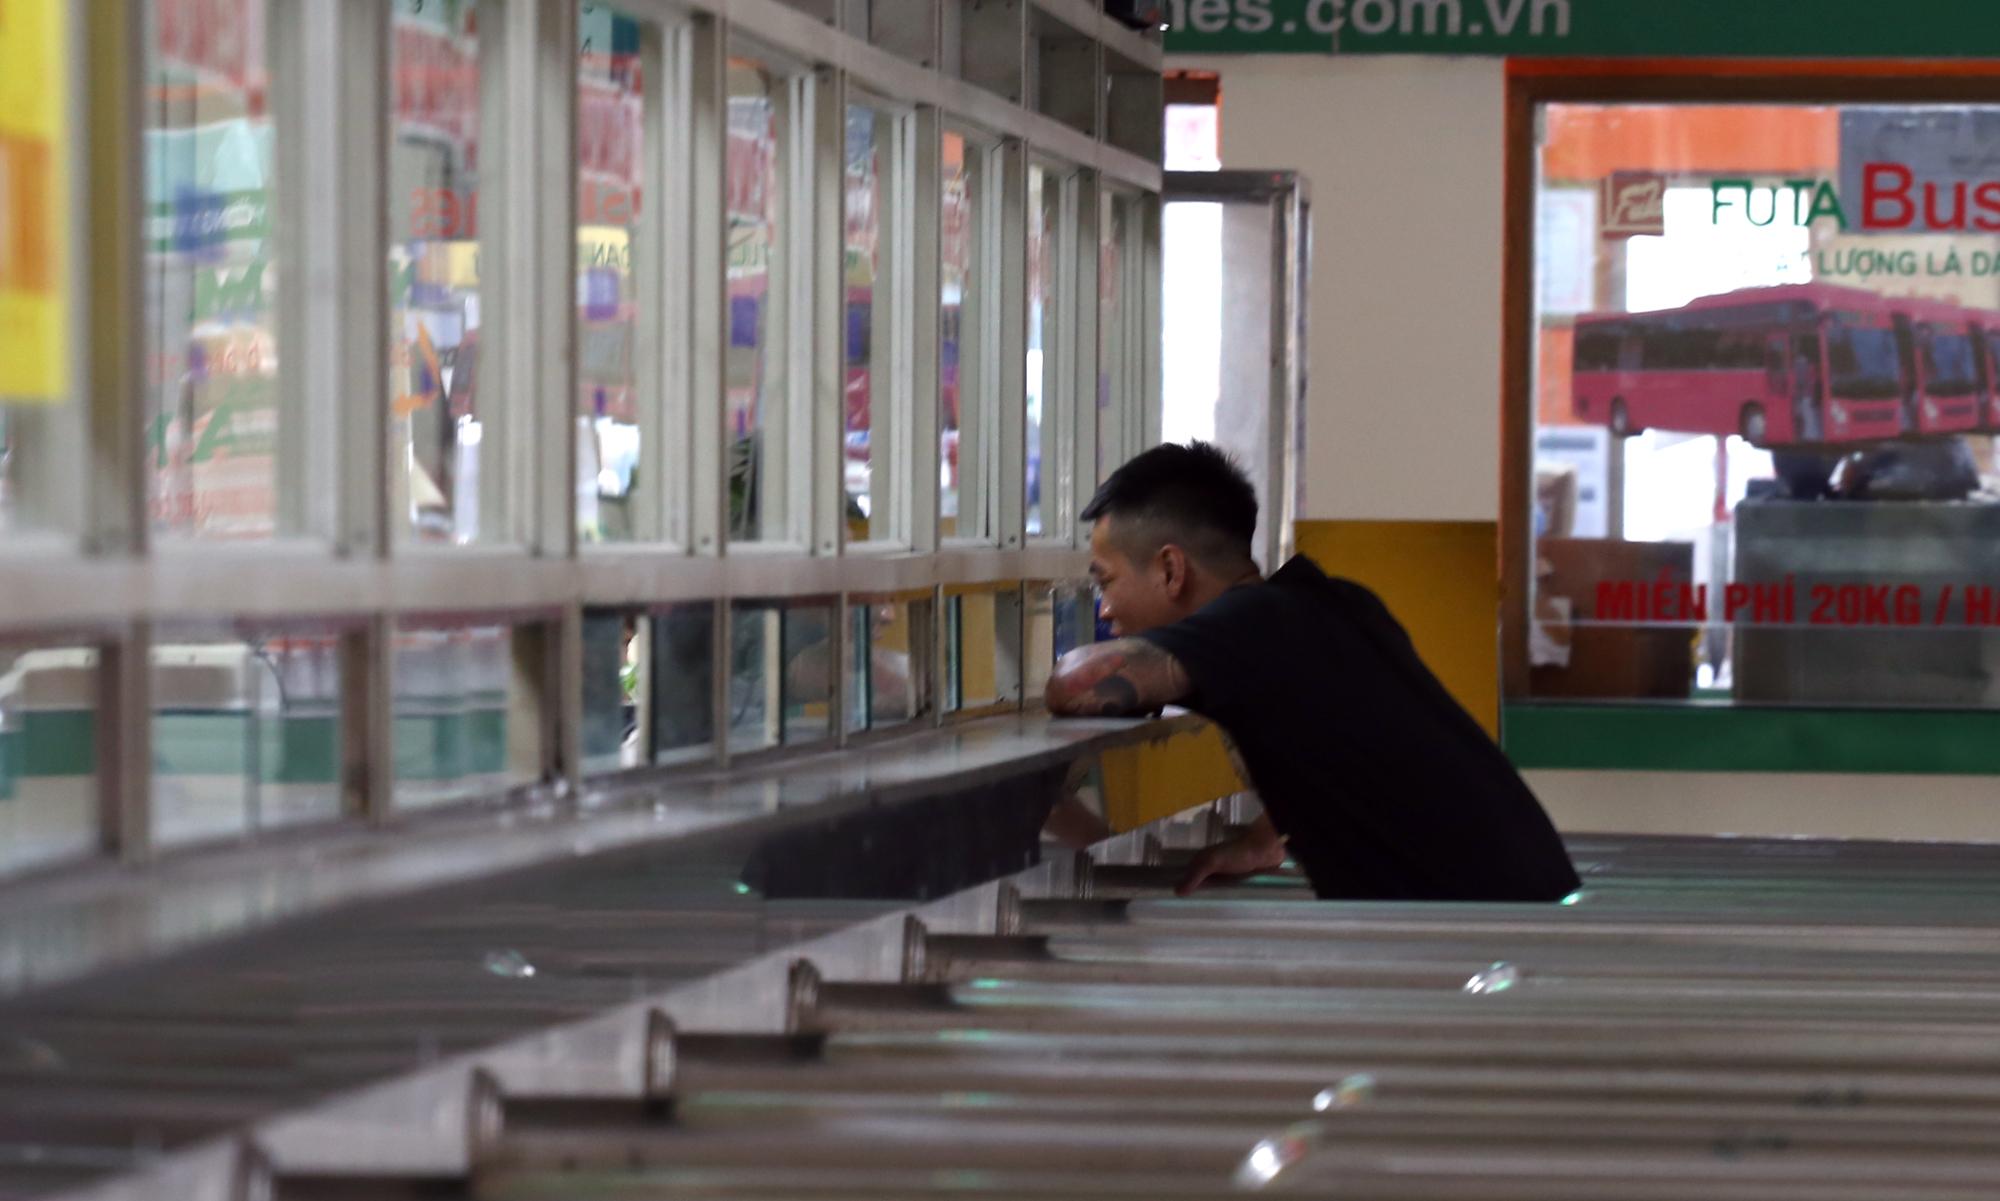 Vận tải khách trở lại bình thường, bến xe ở Hà Nội vẫn vắng vẻ - Ảnh 12.